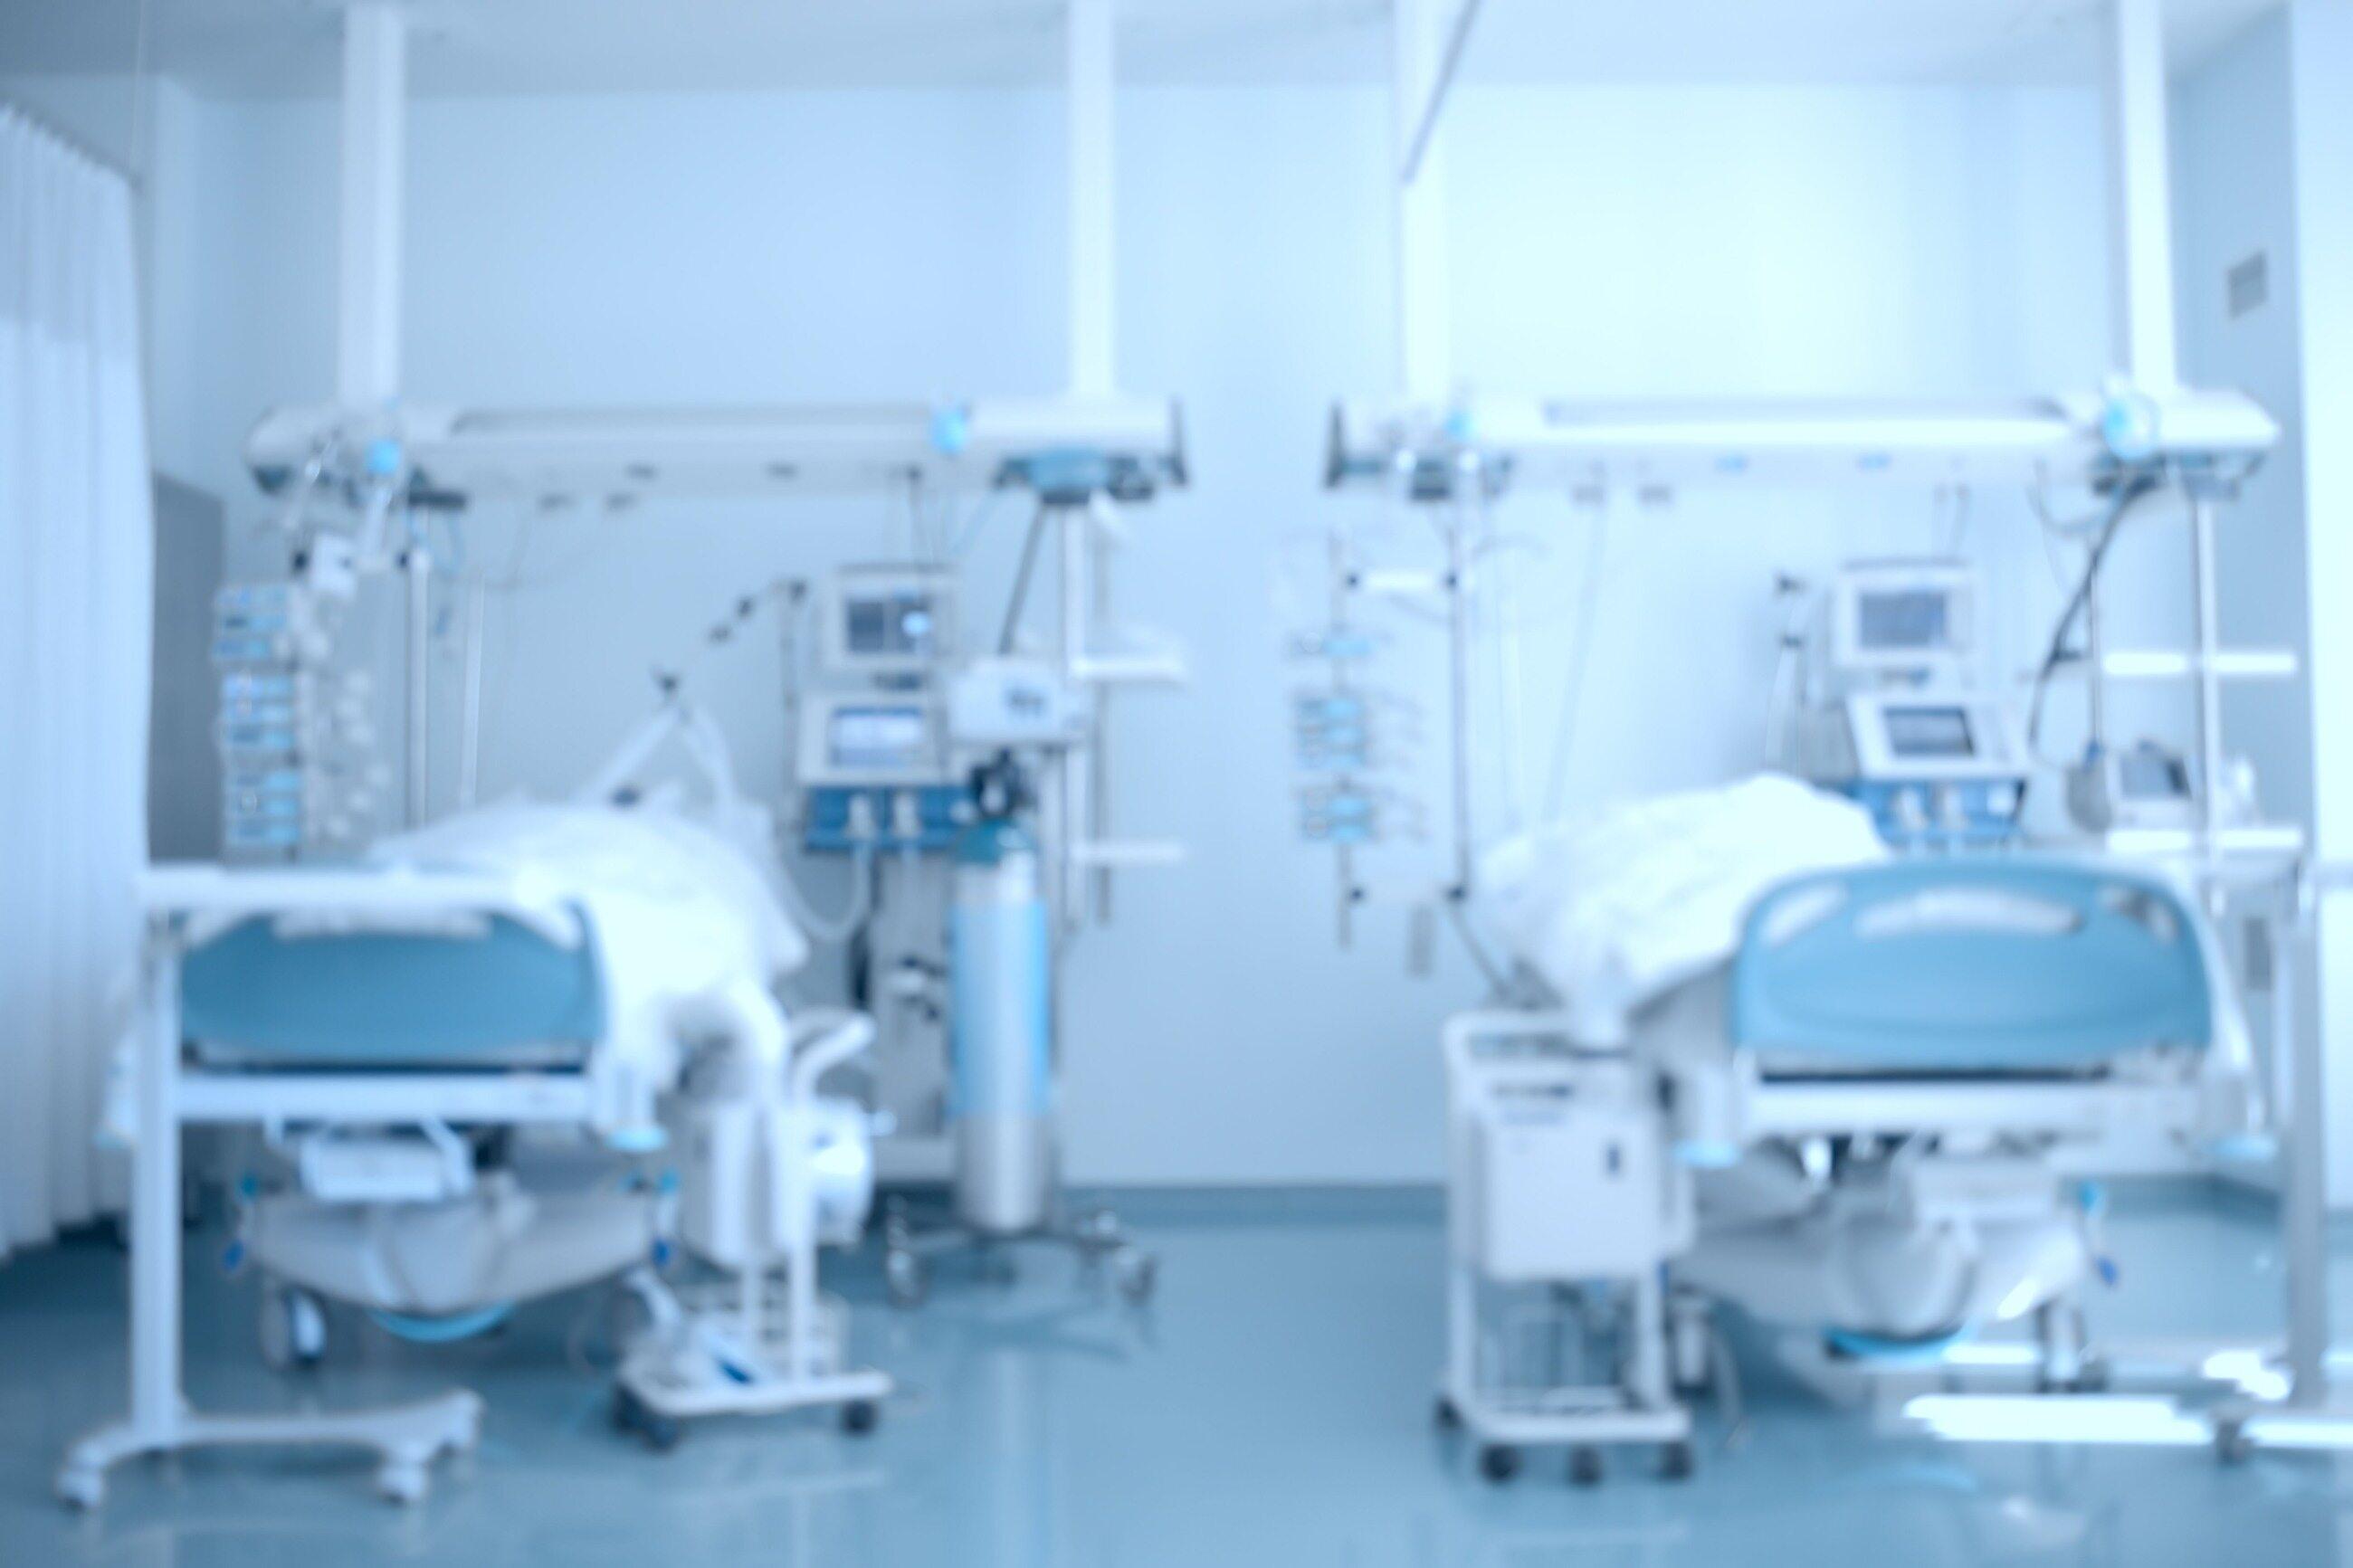 Oddział intensywnej opieki medycznej, zdj. ilustracyjne